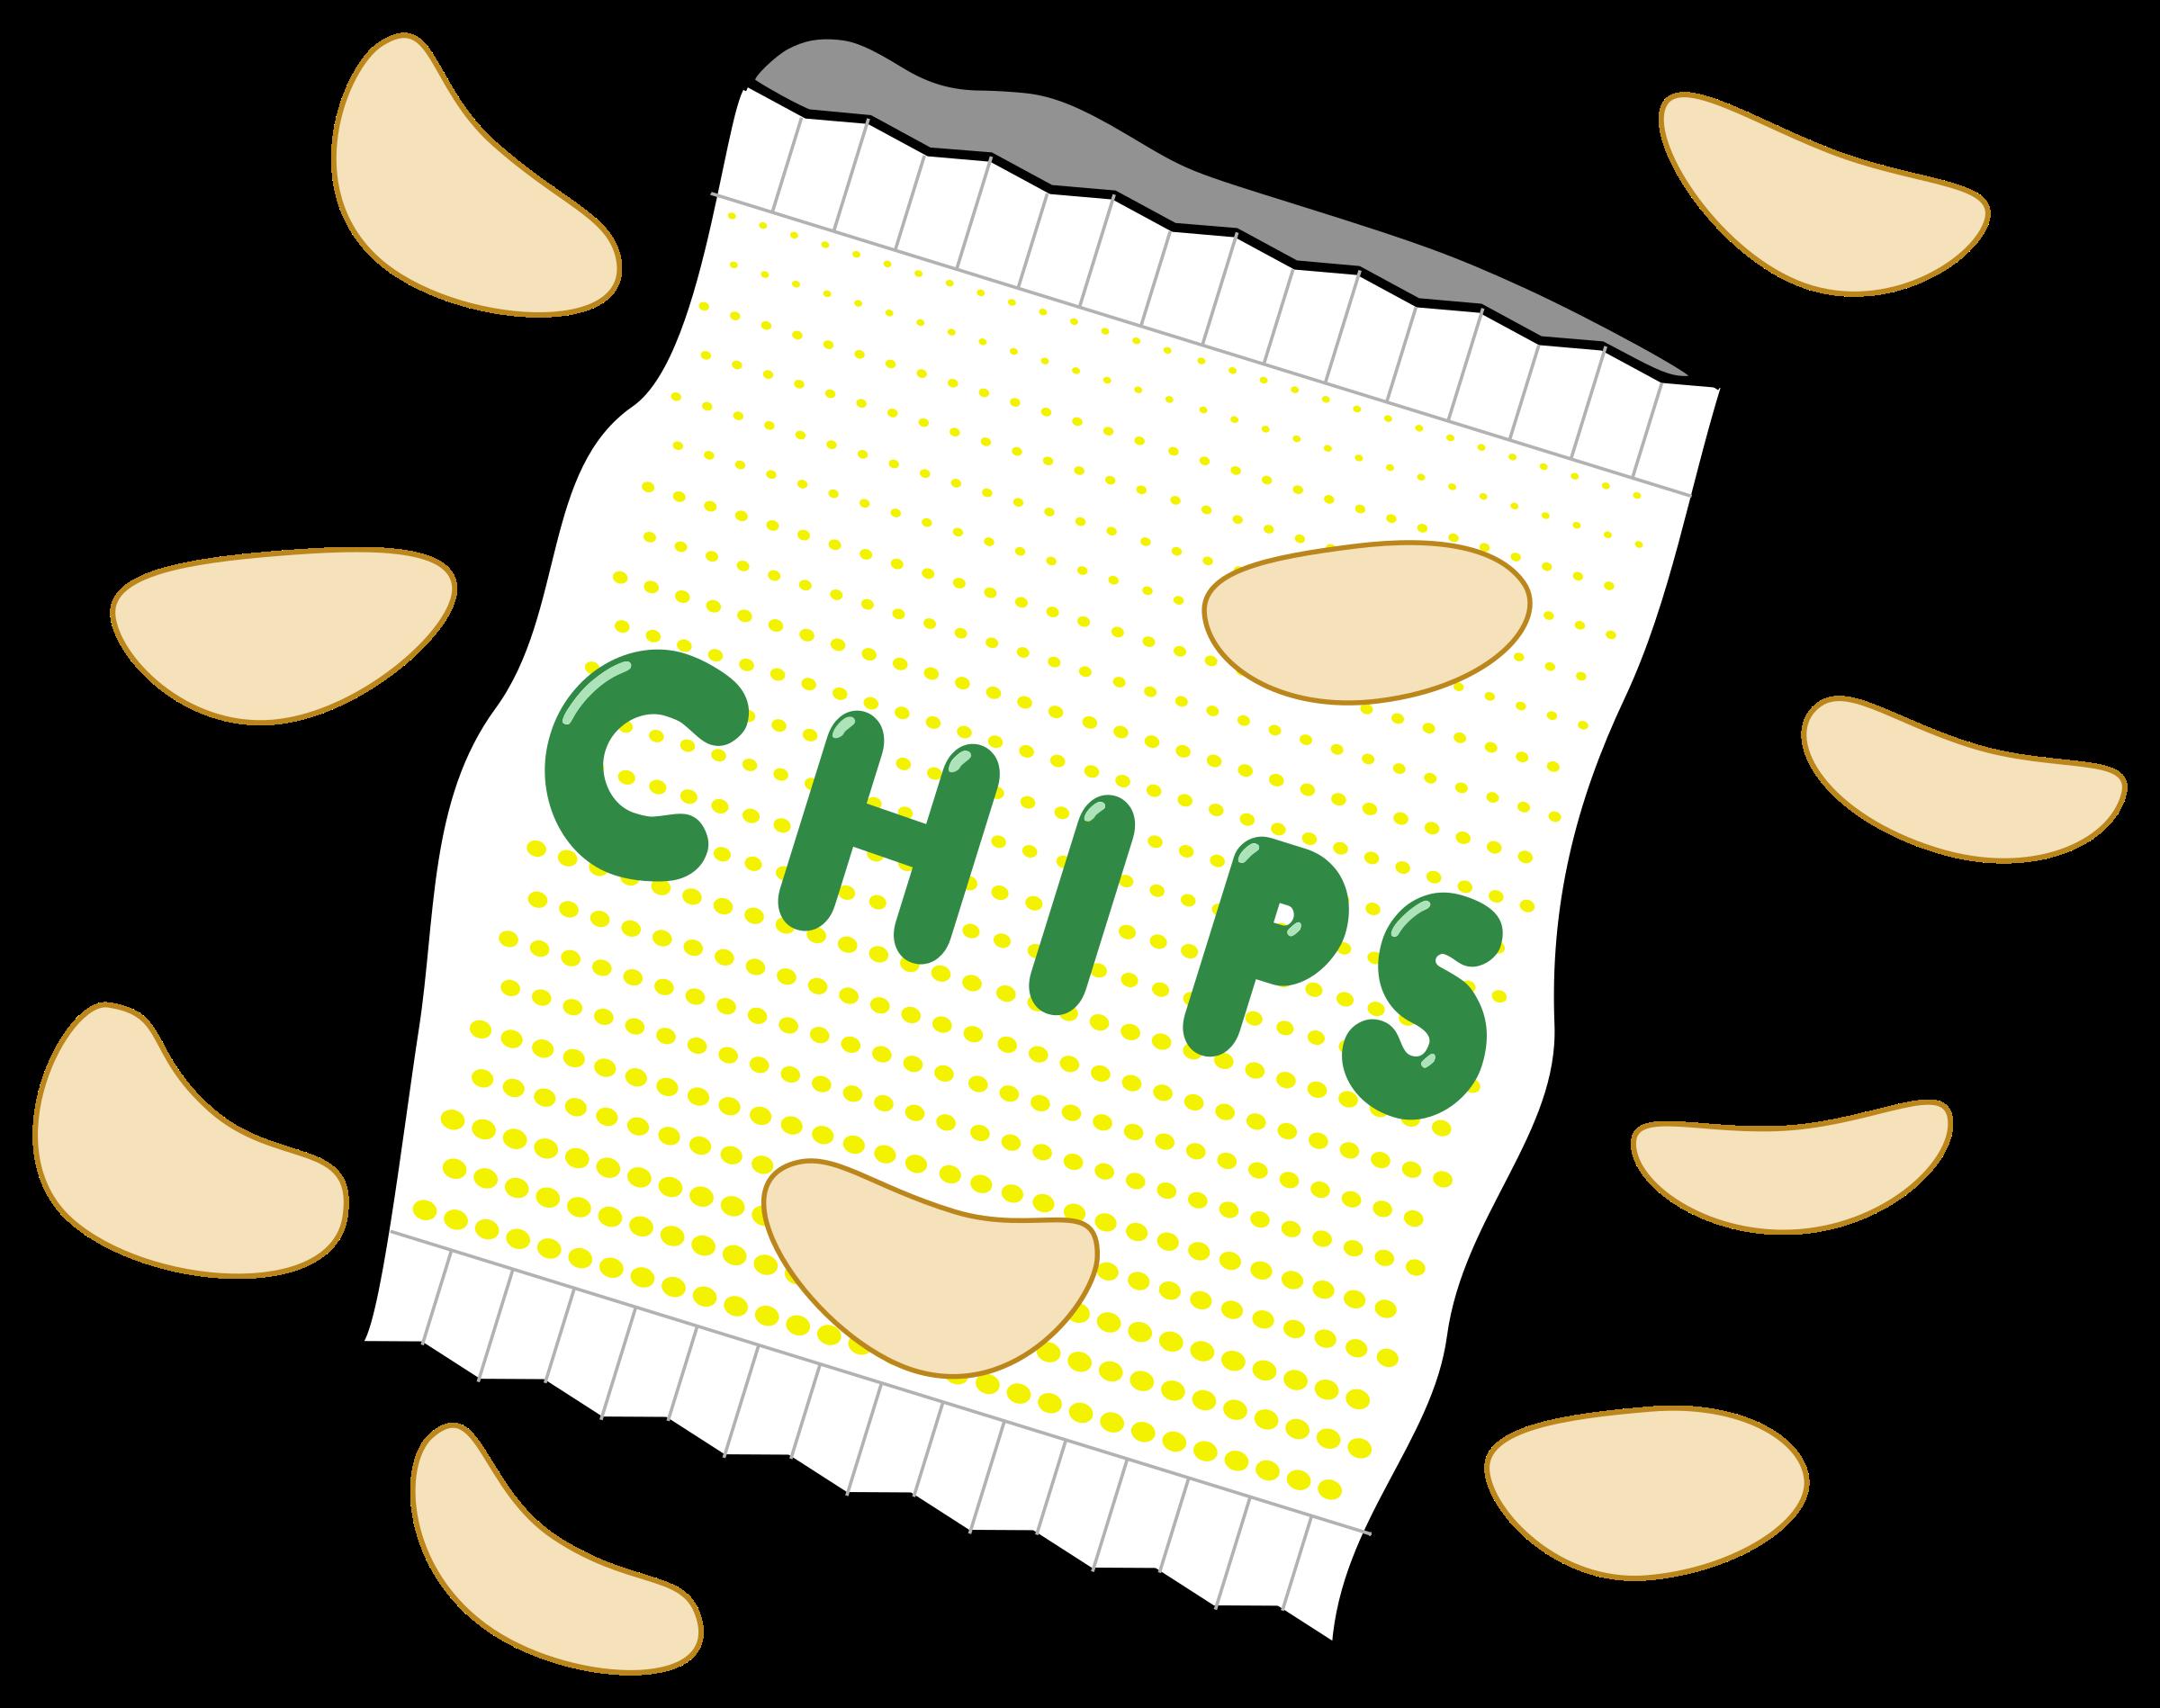 Potato clipart sack potato. Bag of chips big